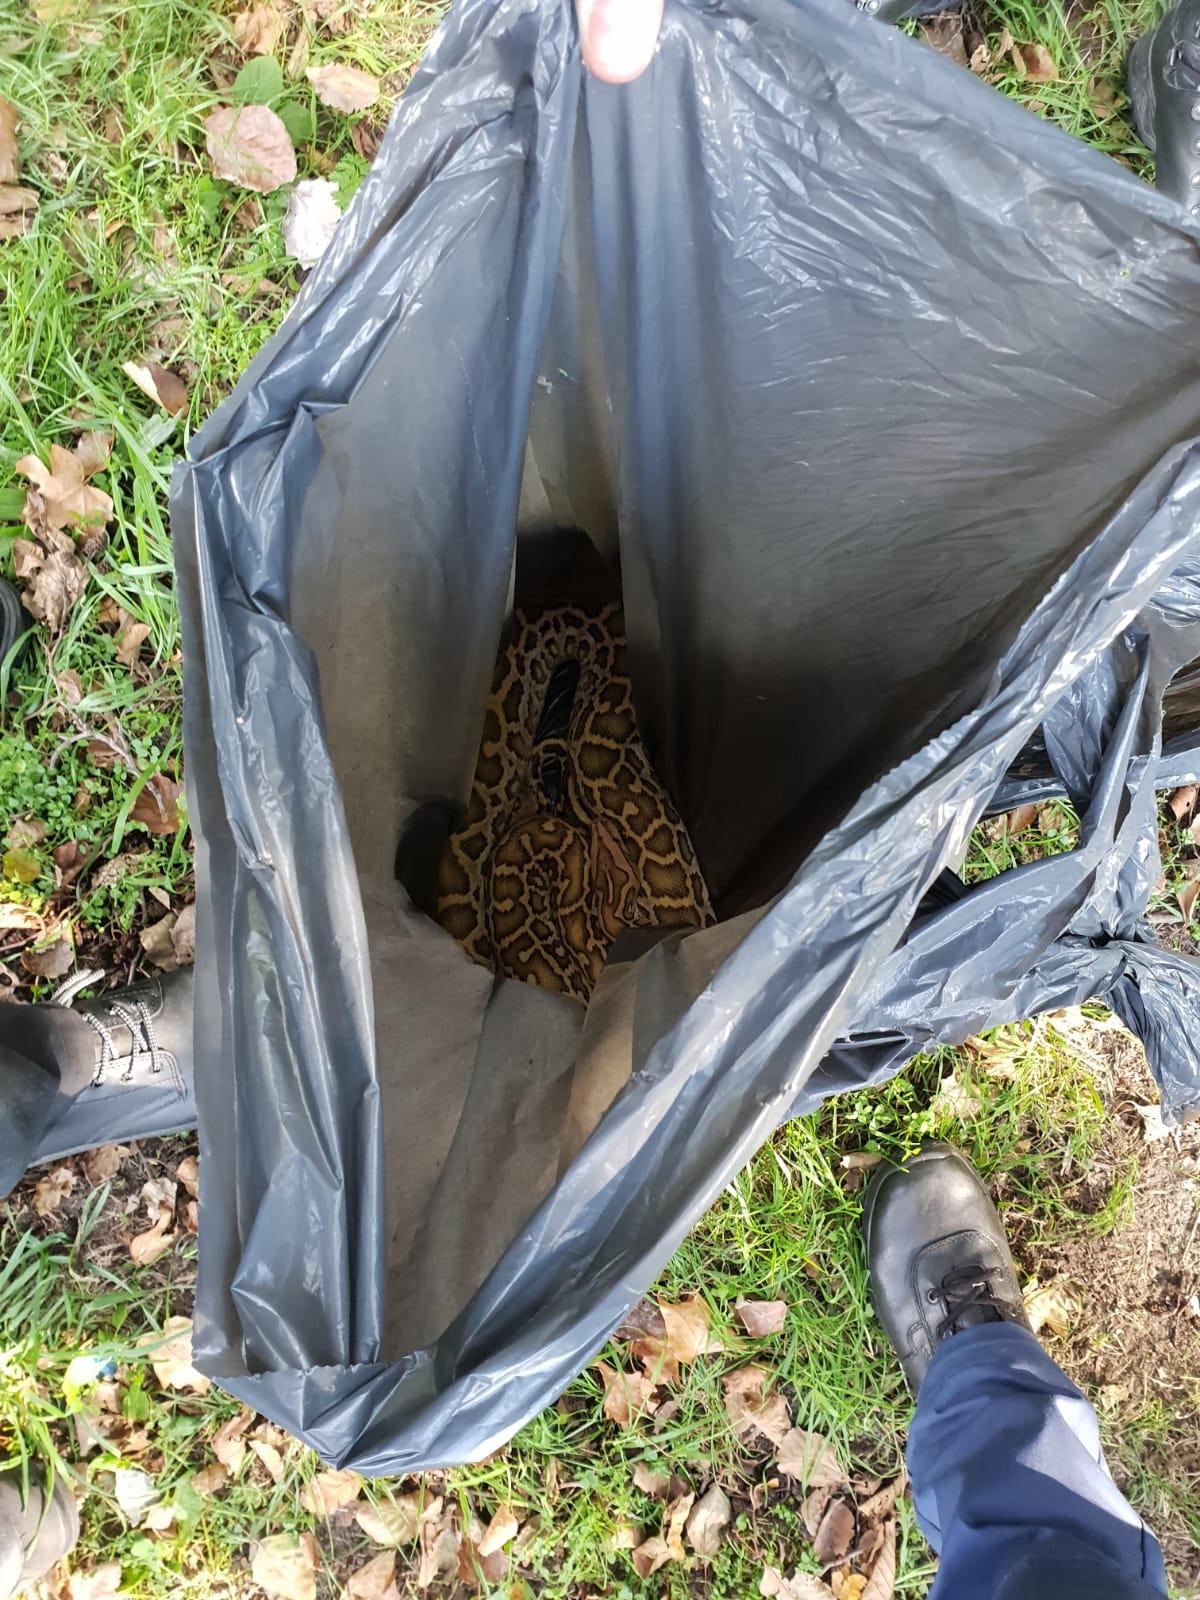 Tijgerpython gedumpt in vuilniszak Poolvosweg Capelle aan den IJssel